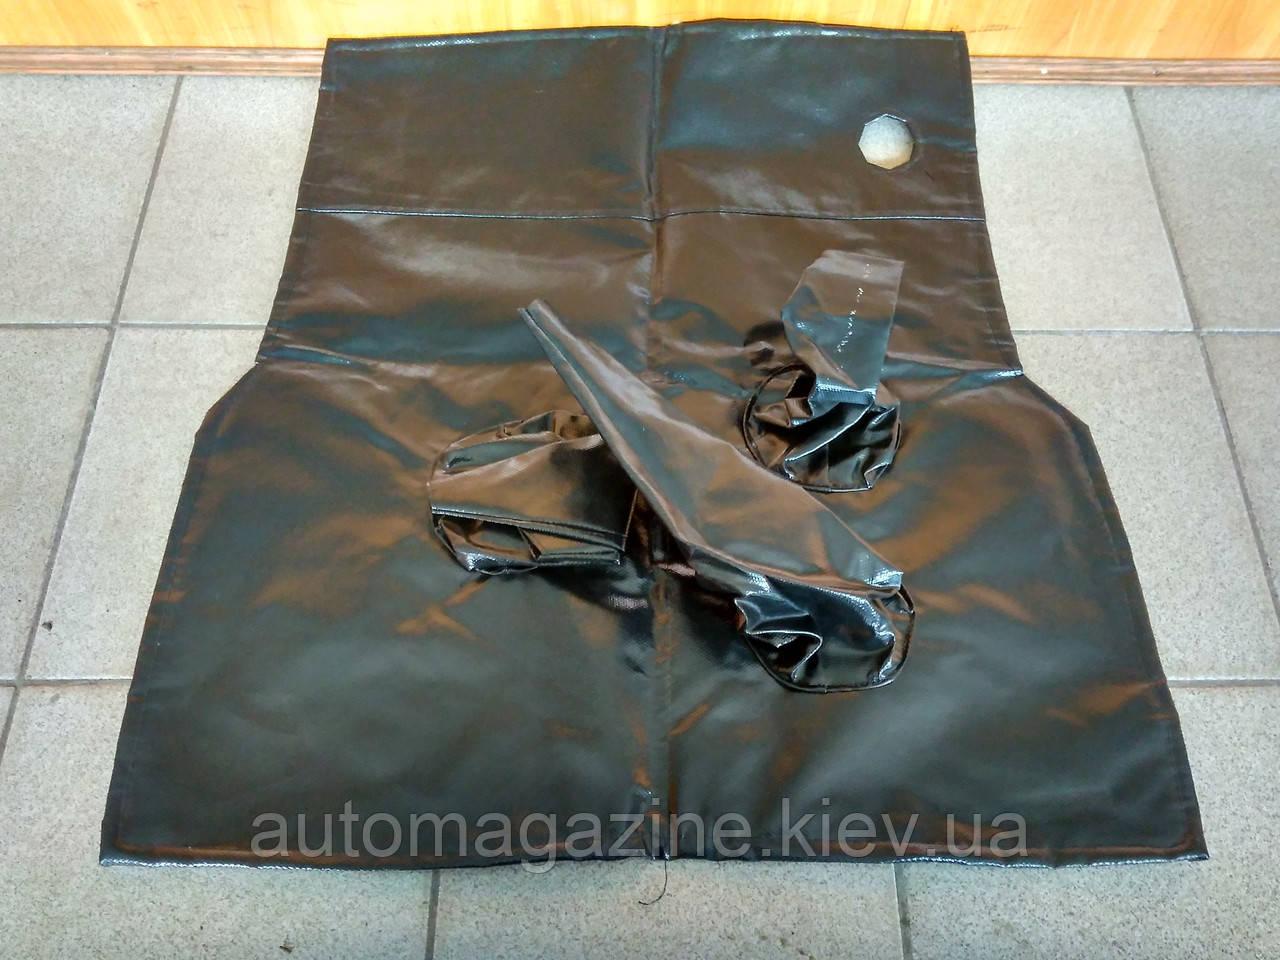 Коврик под рычаги КПП УАЗ 469 (утеплитель)